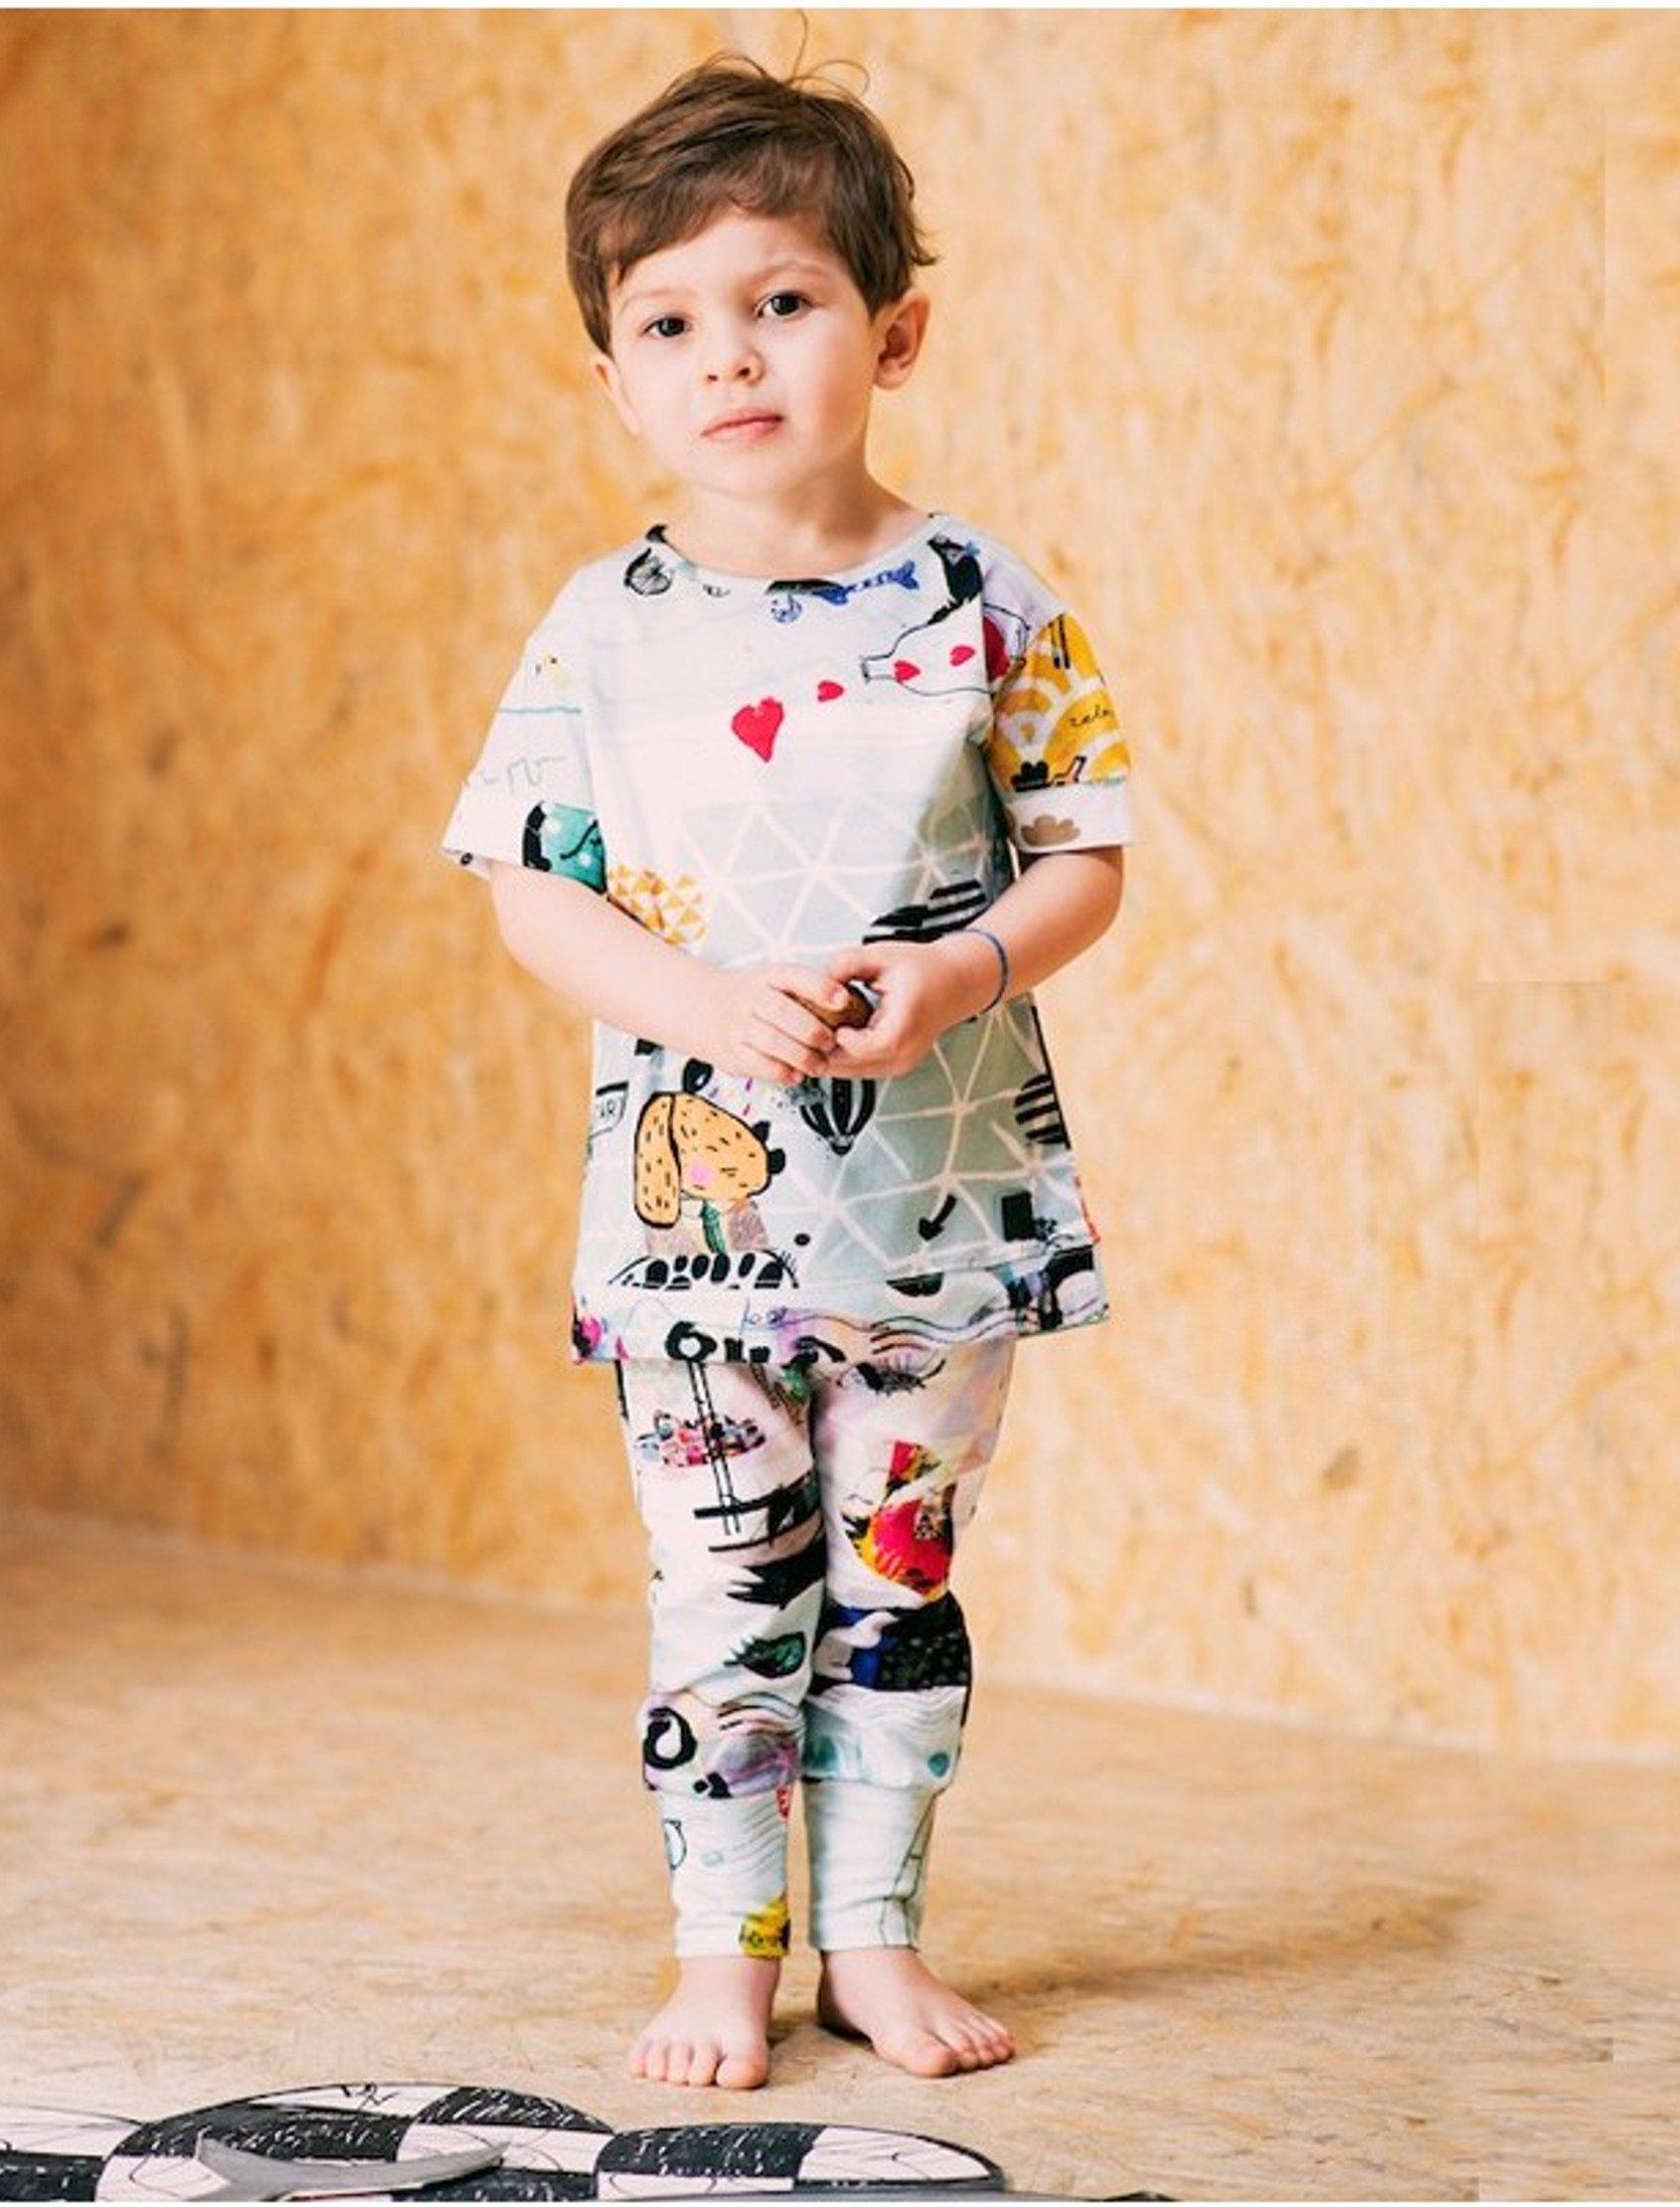 """Camiseta unisex para nuestros pequeños artistas. Estampado""""Océano"""" diseño exclusivo de MILENA&MILENKA, estampación digital. ¡Es muy suave y no se arruga!"""